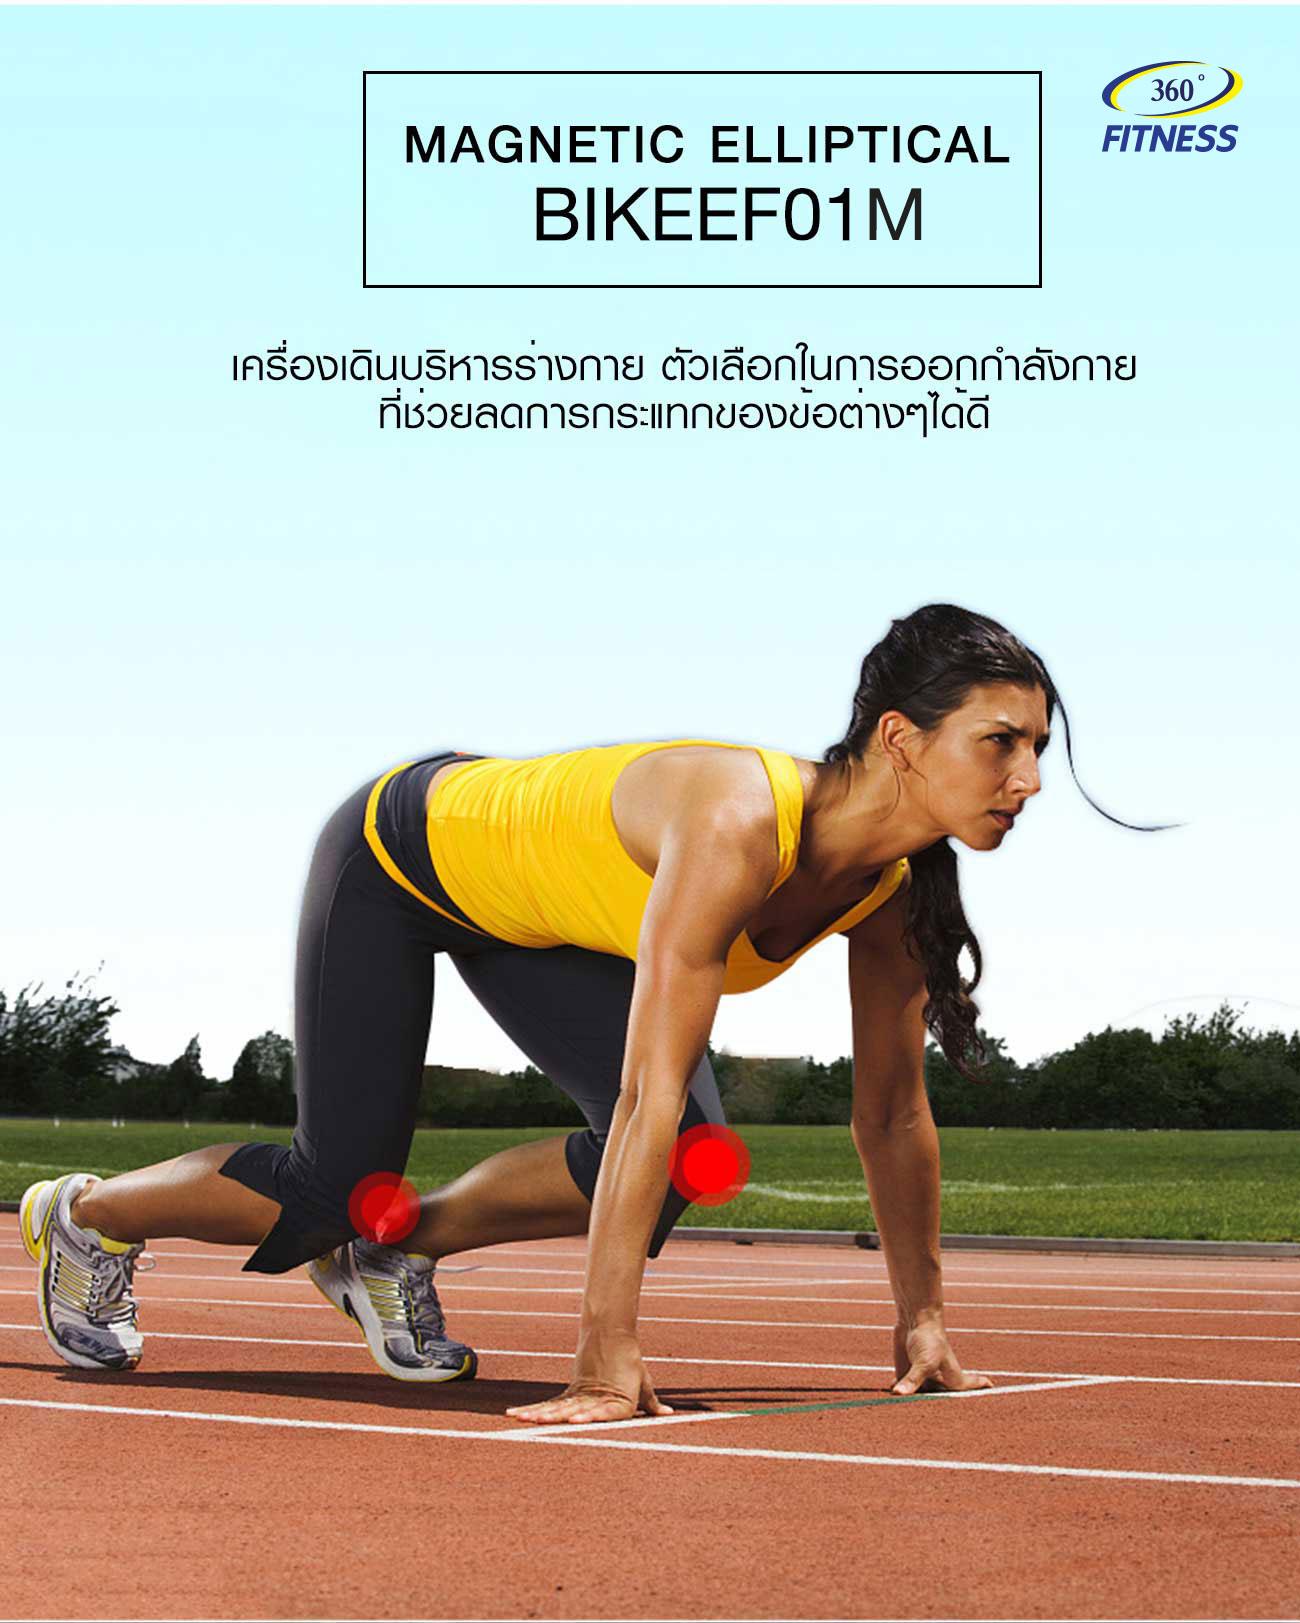 เครื่องเดินวงรี Electronic Elliptical bike EF01M (Flywheel 9 KG. )